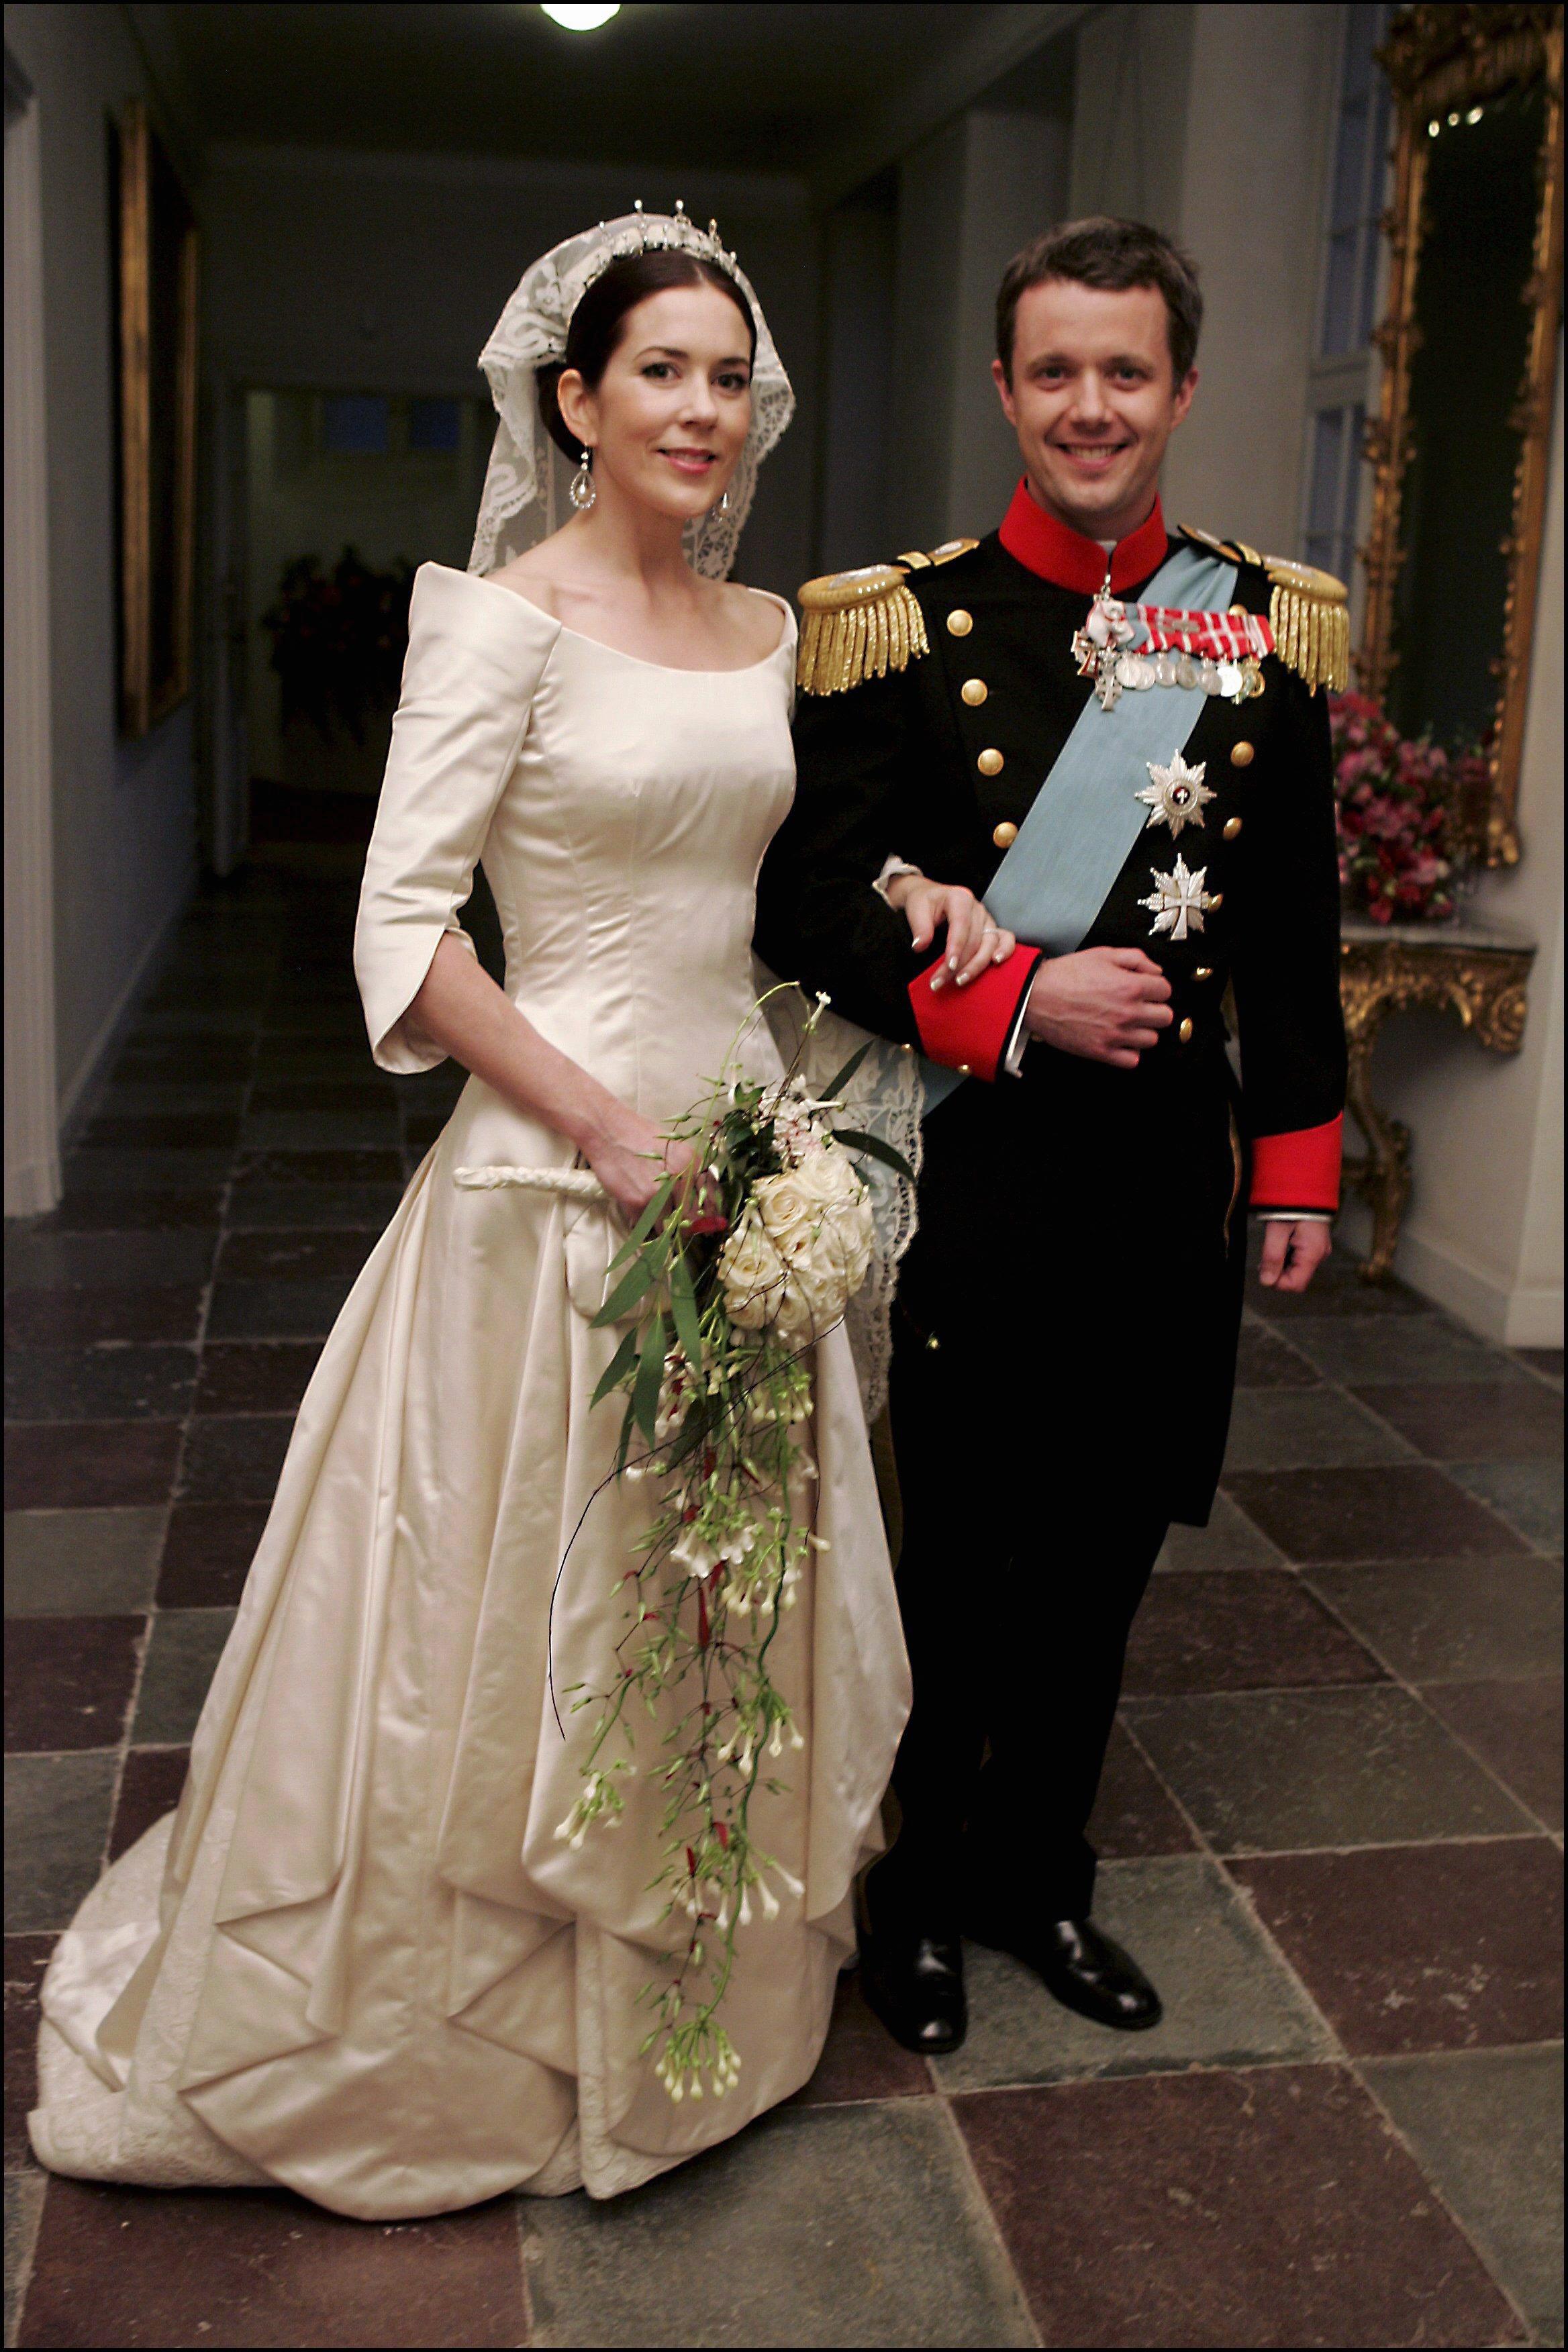 Royale Hochzeiten: So schön waren die Brautkleider der